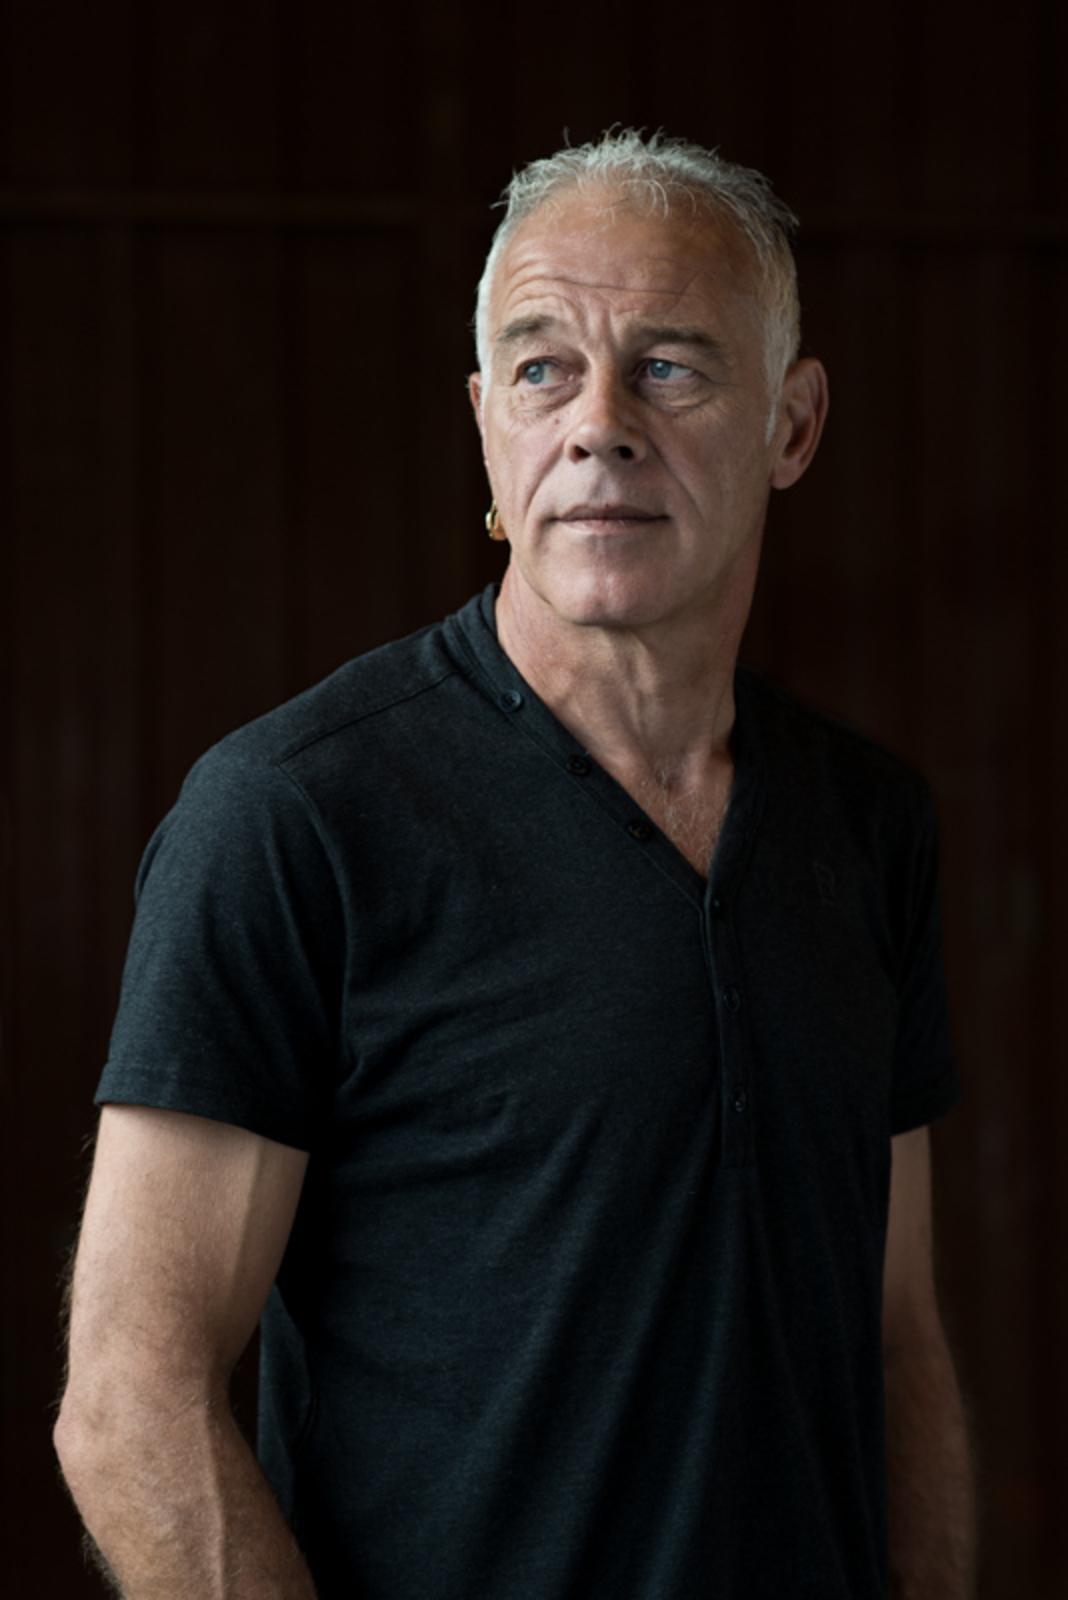 Klaas Brands, uit de serie Mannen van Urk